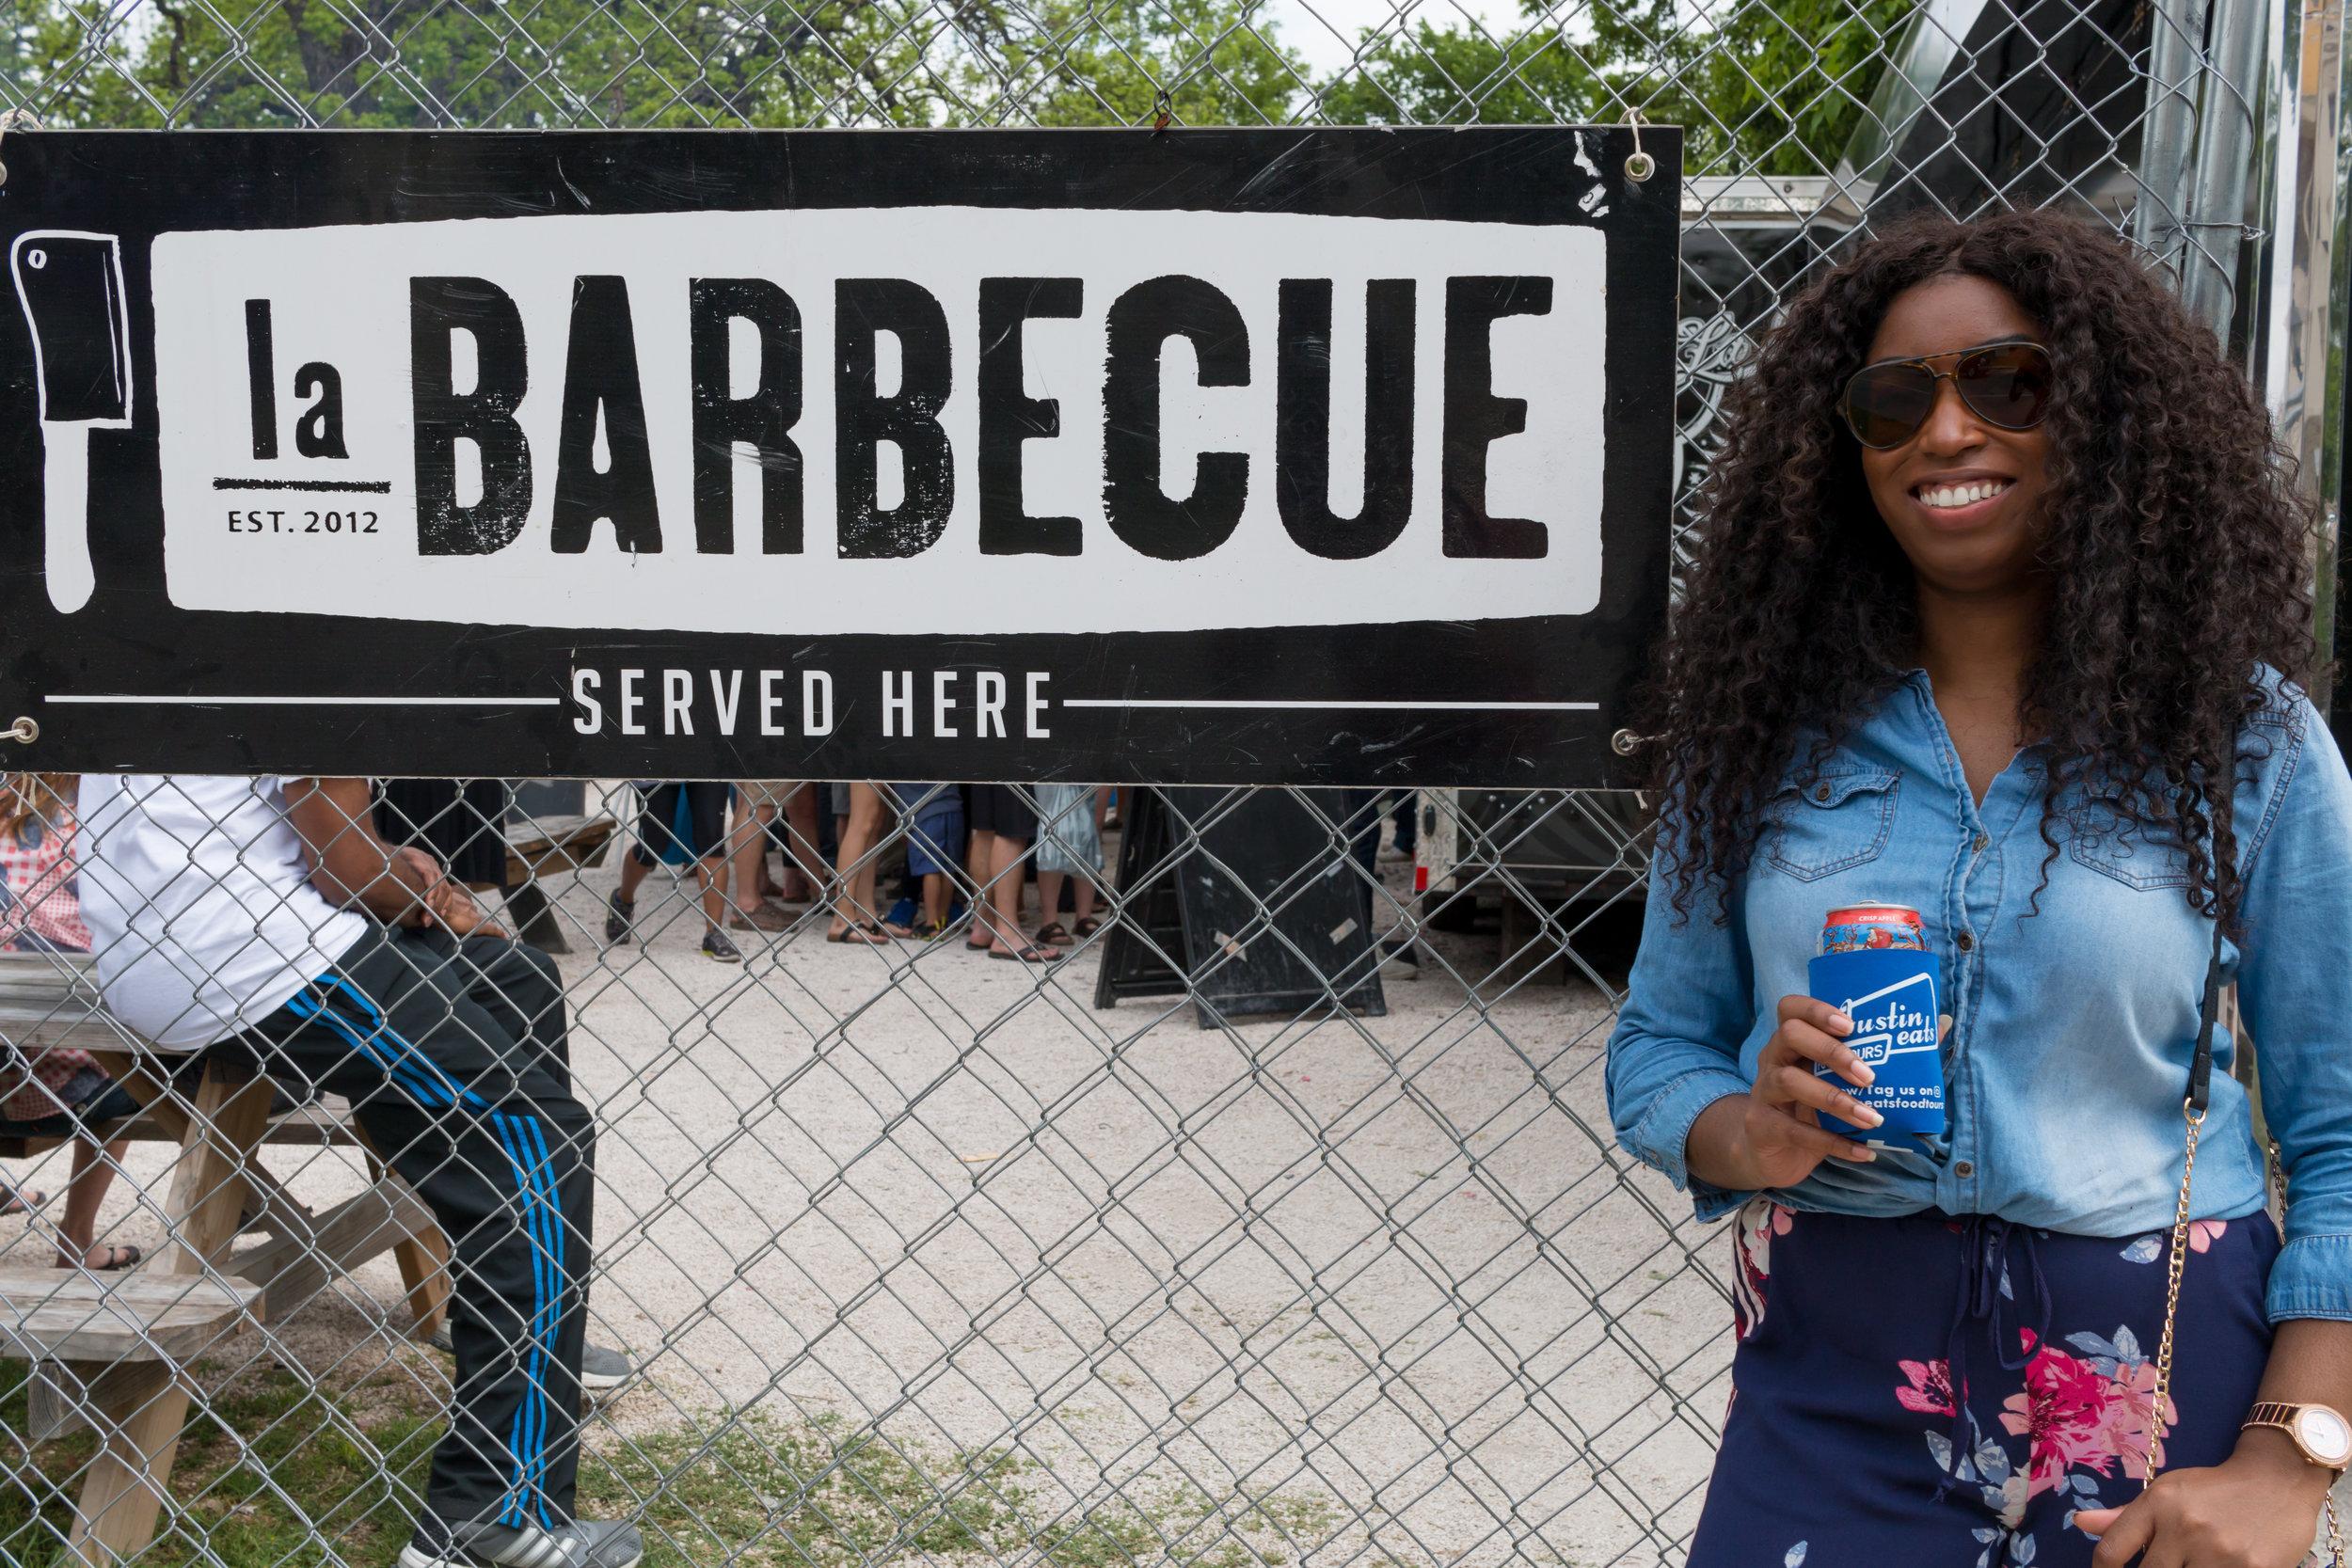 la-barbecue-austin-texas-famous-bbq